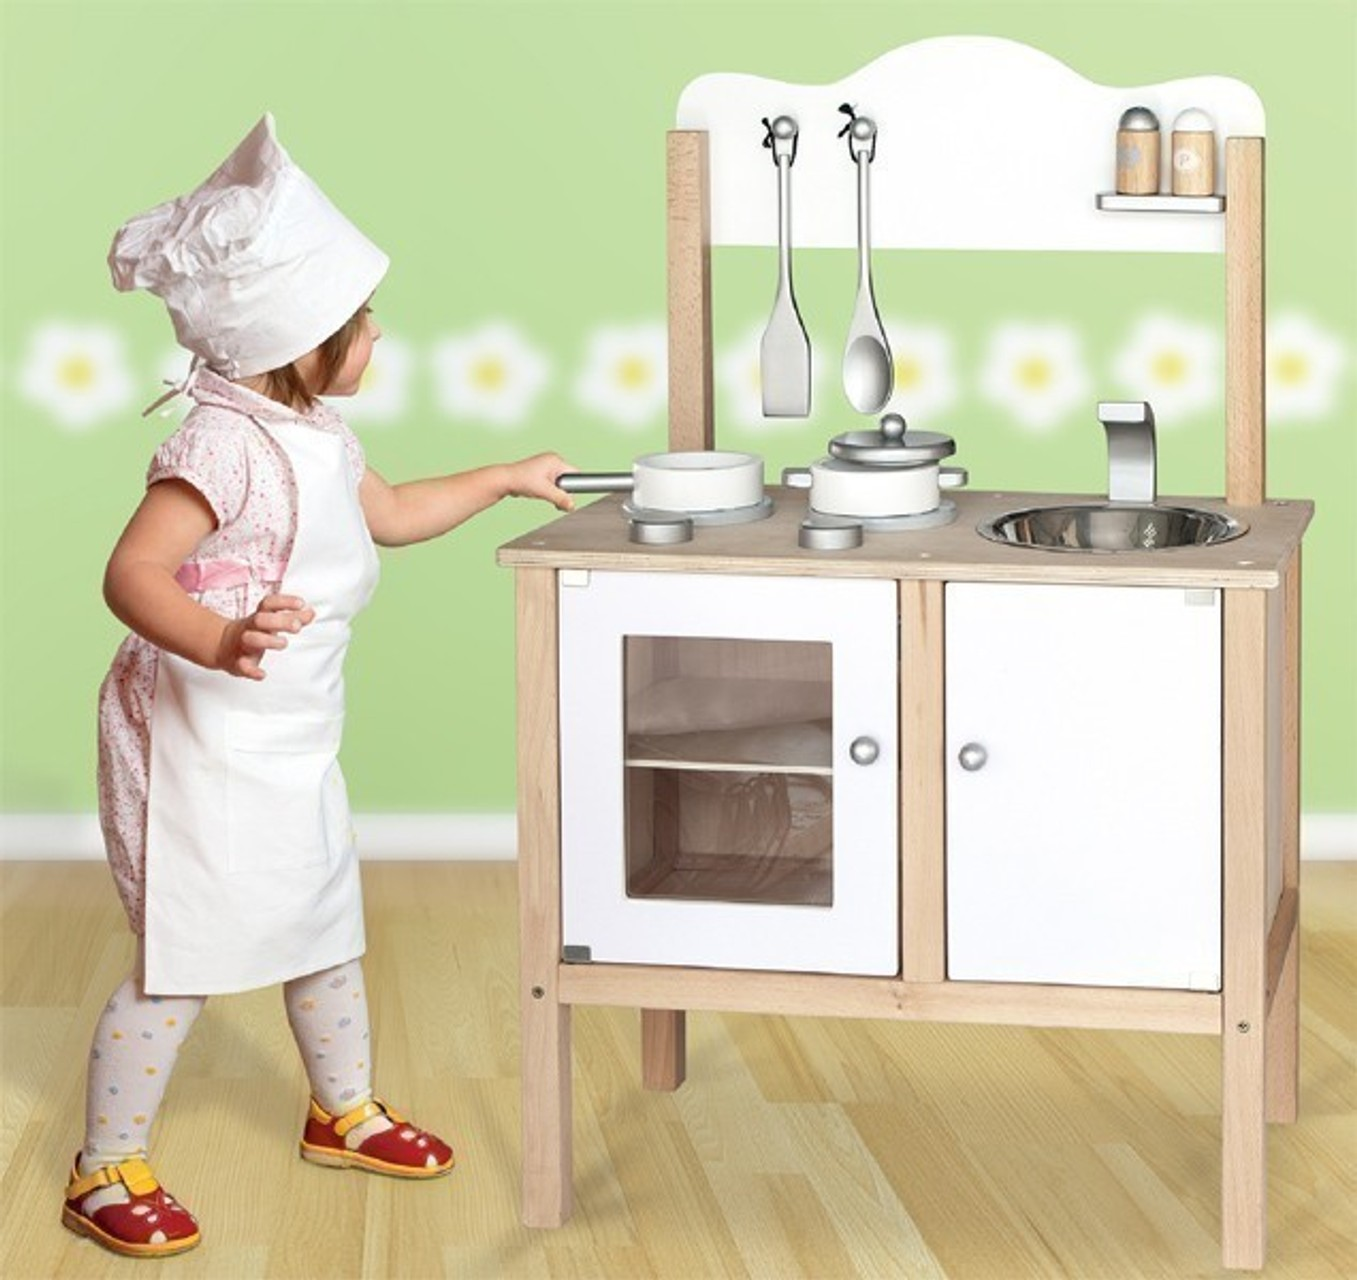 Full Size of Spielküche Paket Combi Kche Spielkche Kinderkche In Weiss Mit Zubehr Kinder Wohnzimmer Spielküche